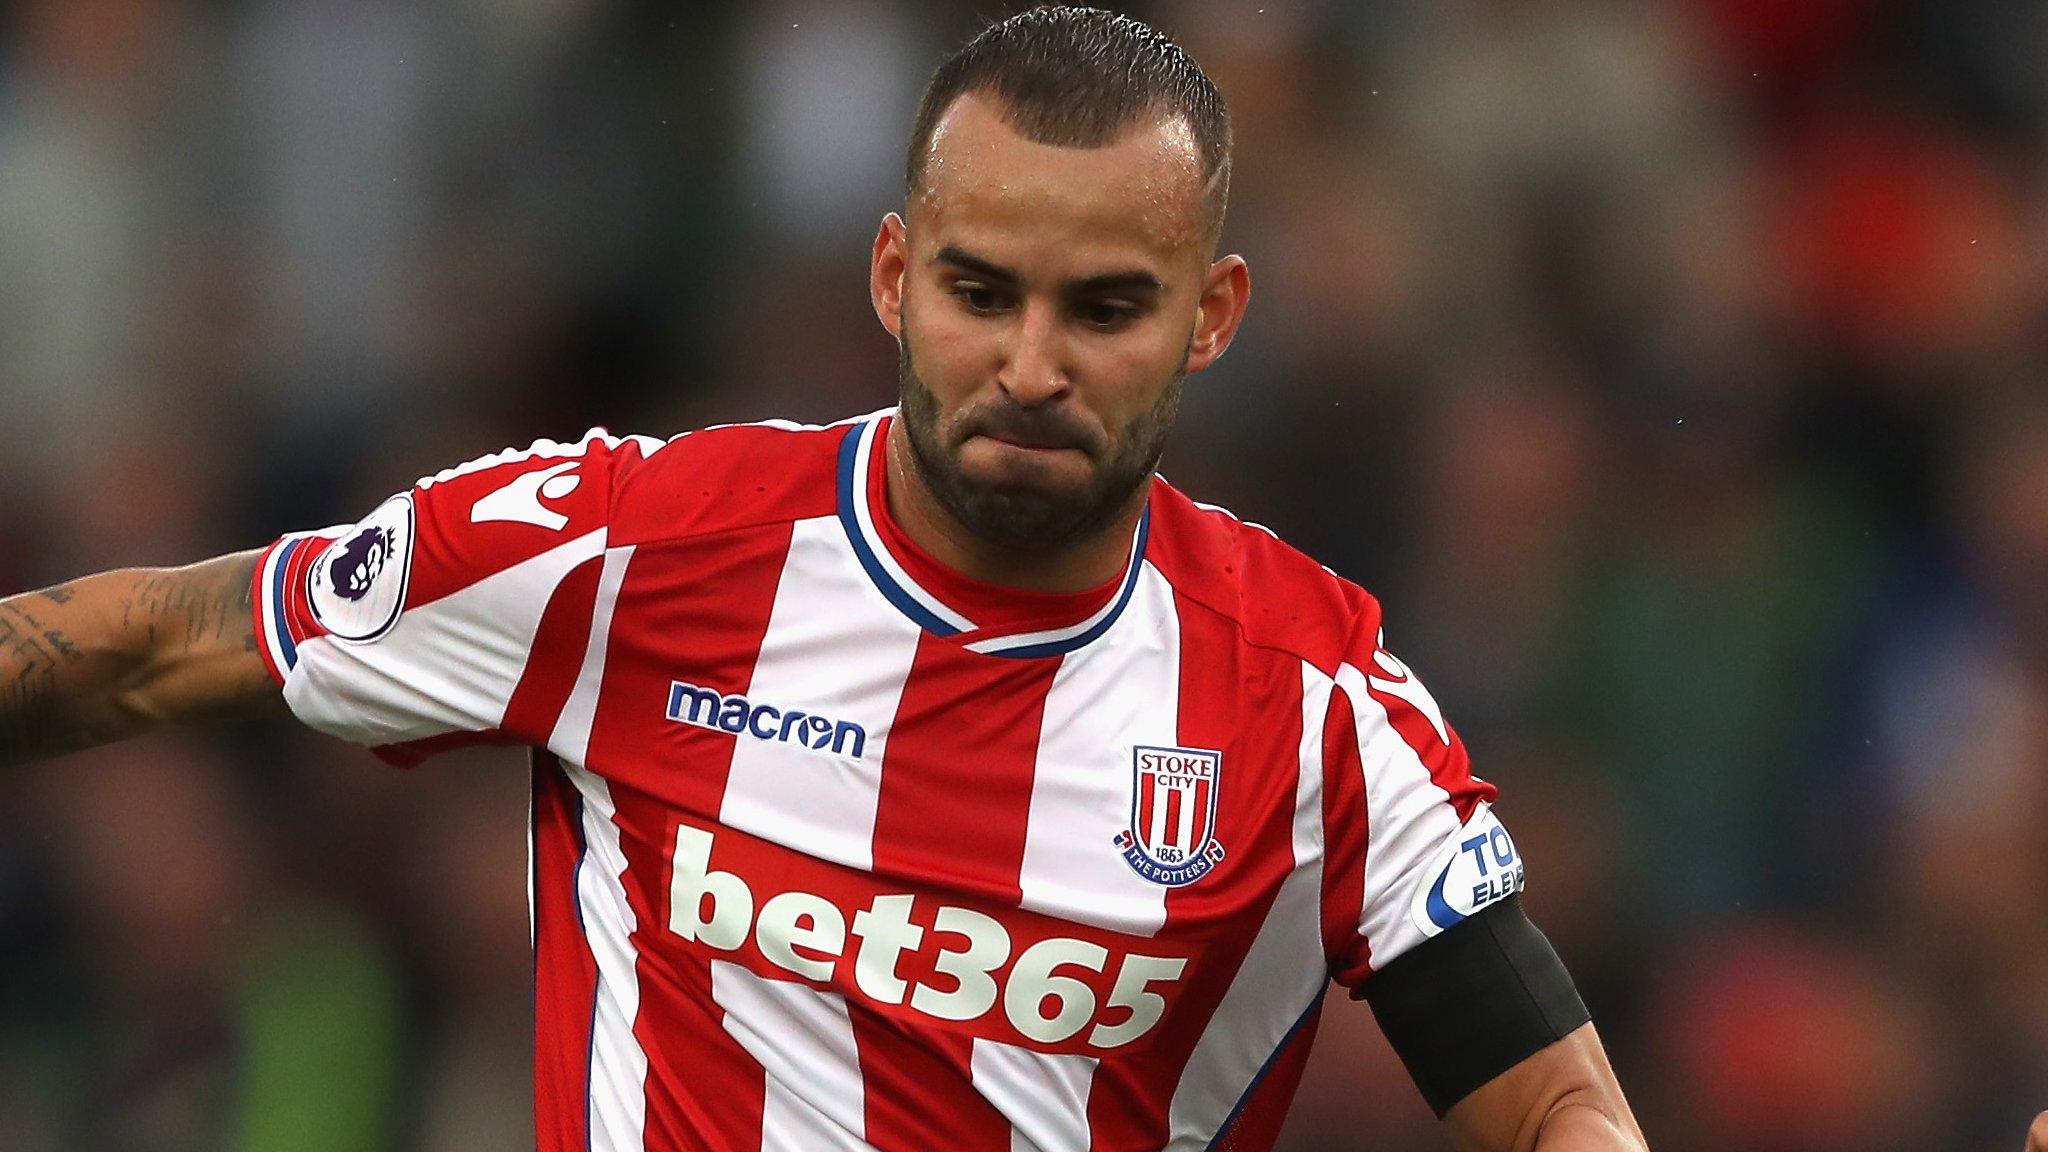 Jese Rodriguez: Stoke discipline striker after walk-out